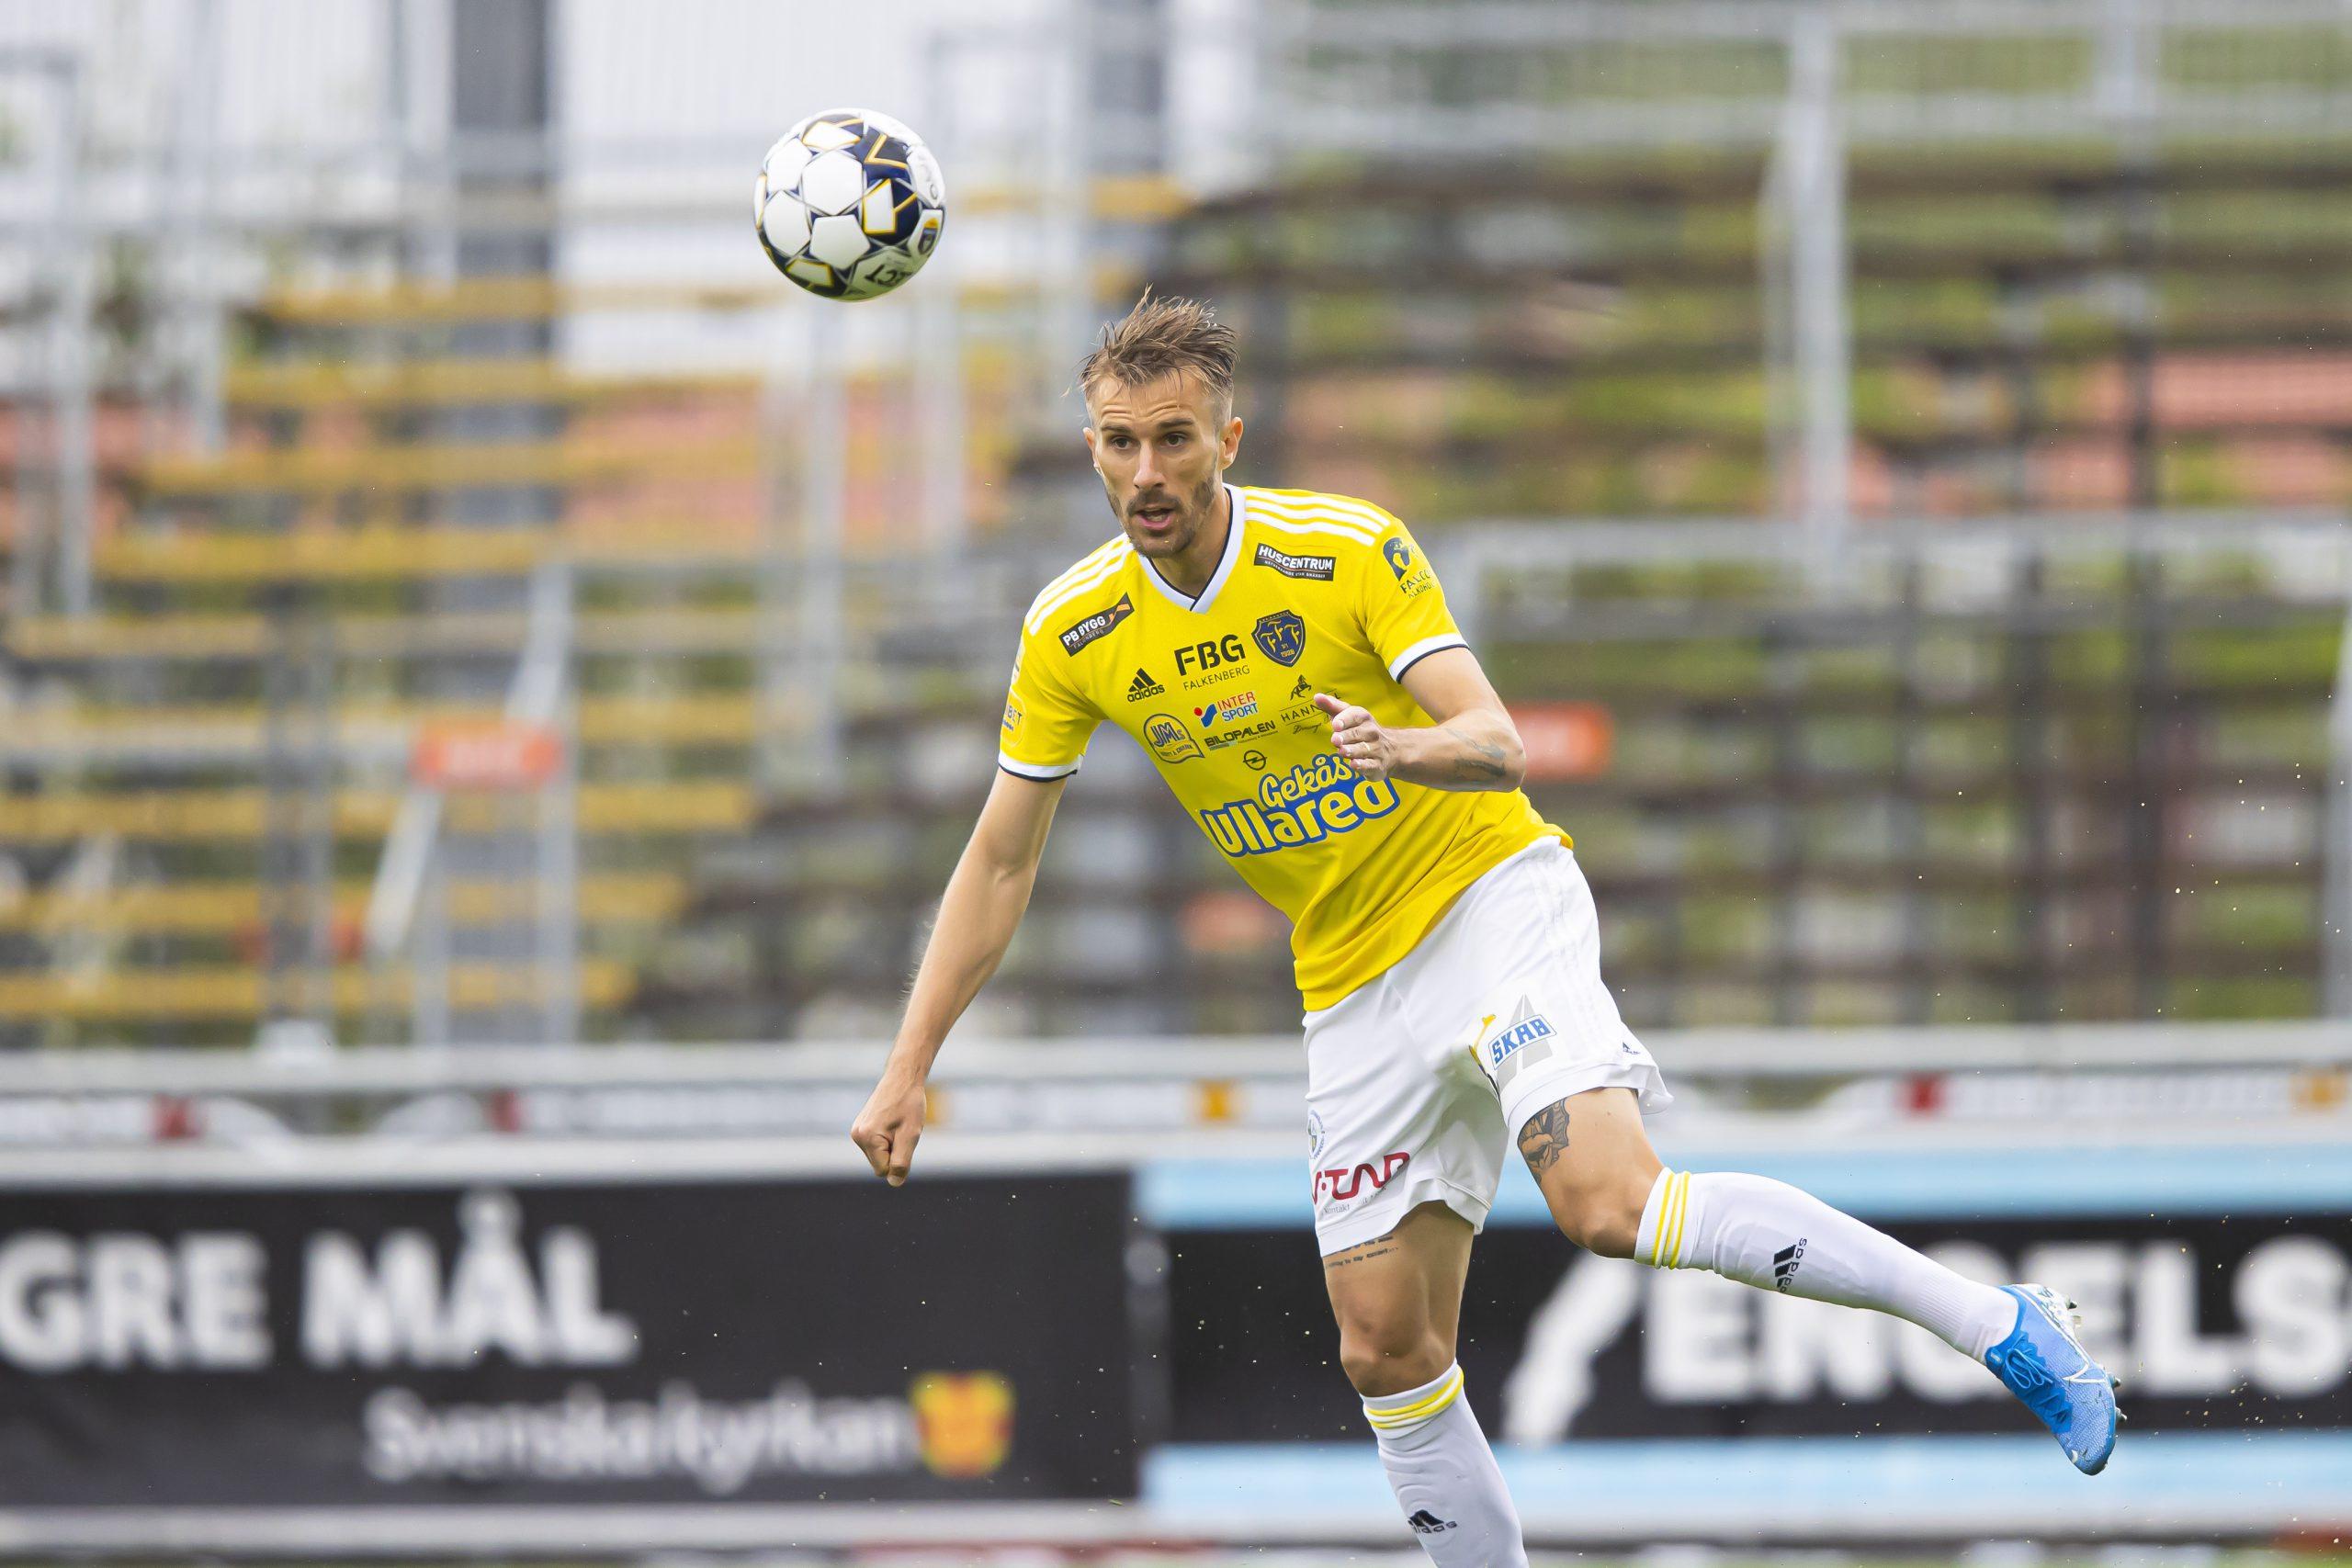 0-1-förlust för U21 mot HBK